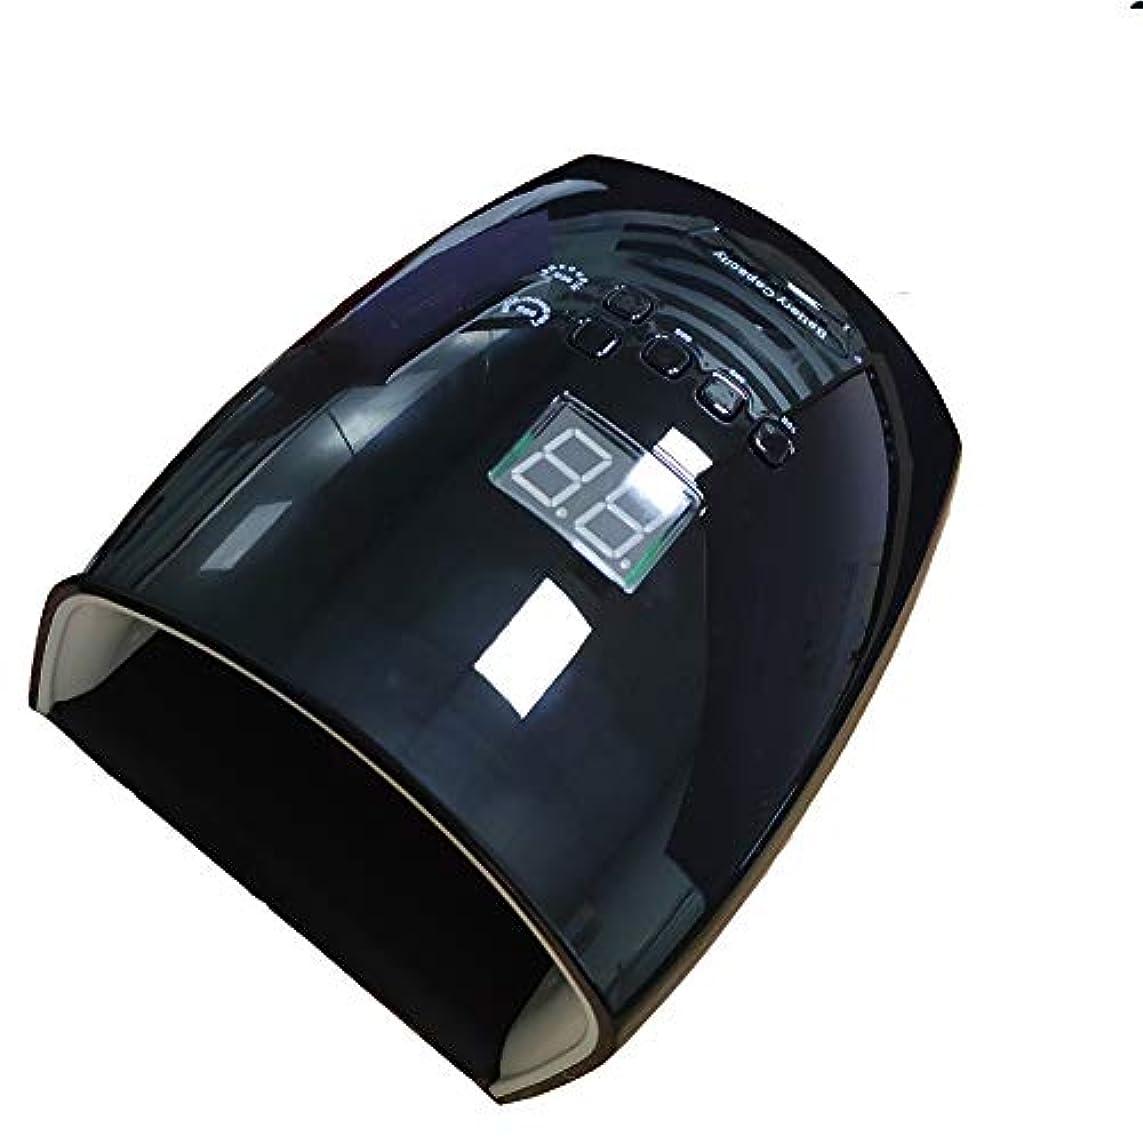 拡張永久作るLEDネイルマシン、インテリジェント赤外線センサー多機能ネイル硬化機プロの美容ネイルポリッシャー、取り外し可能な高速乾燥ジェルマシン